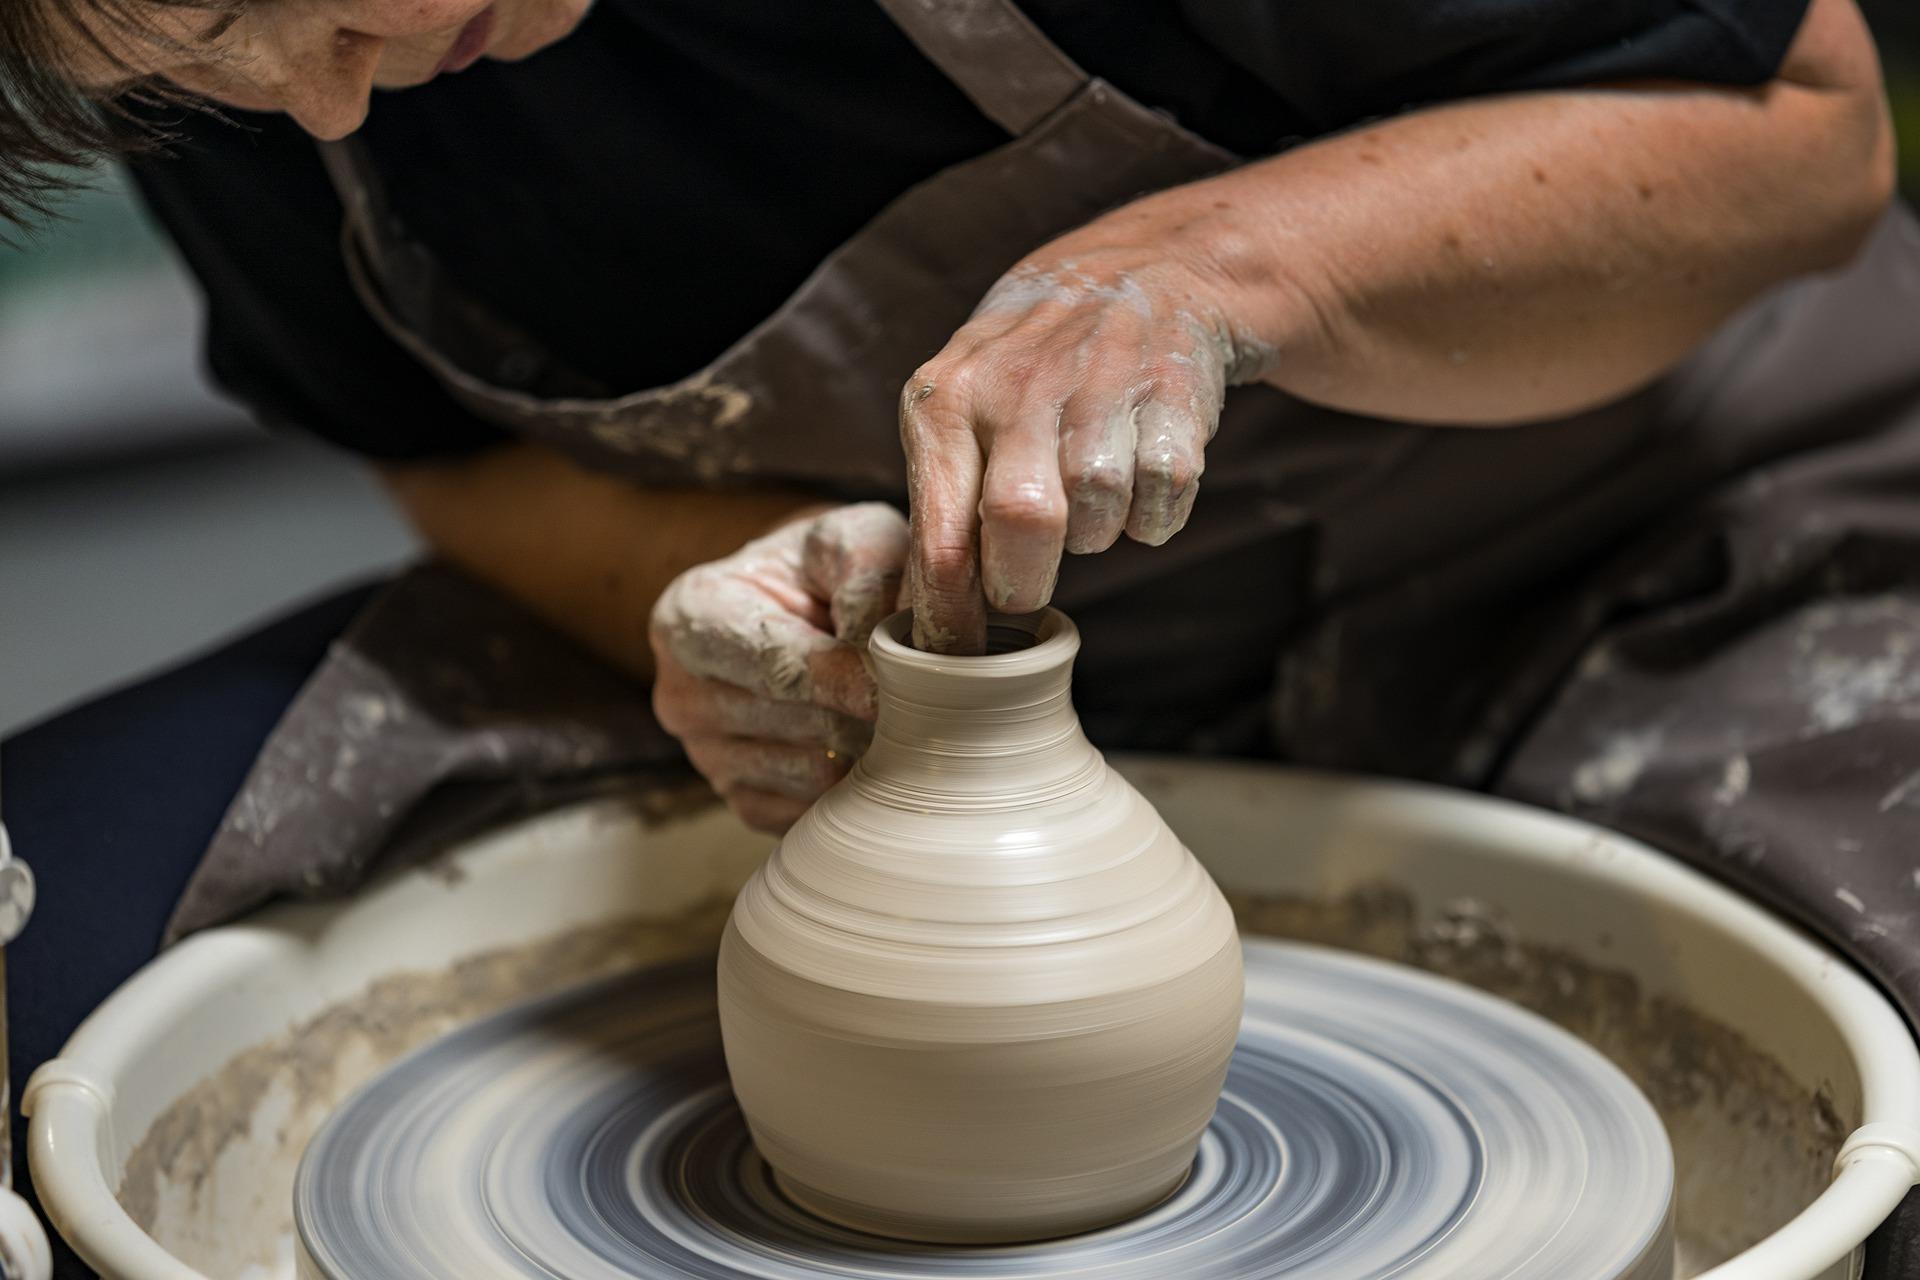 potter-4682257_1920.jpg